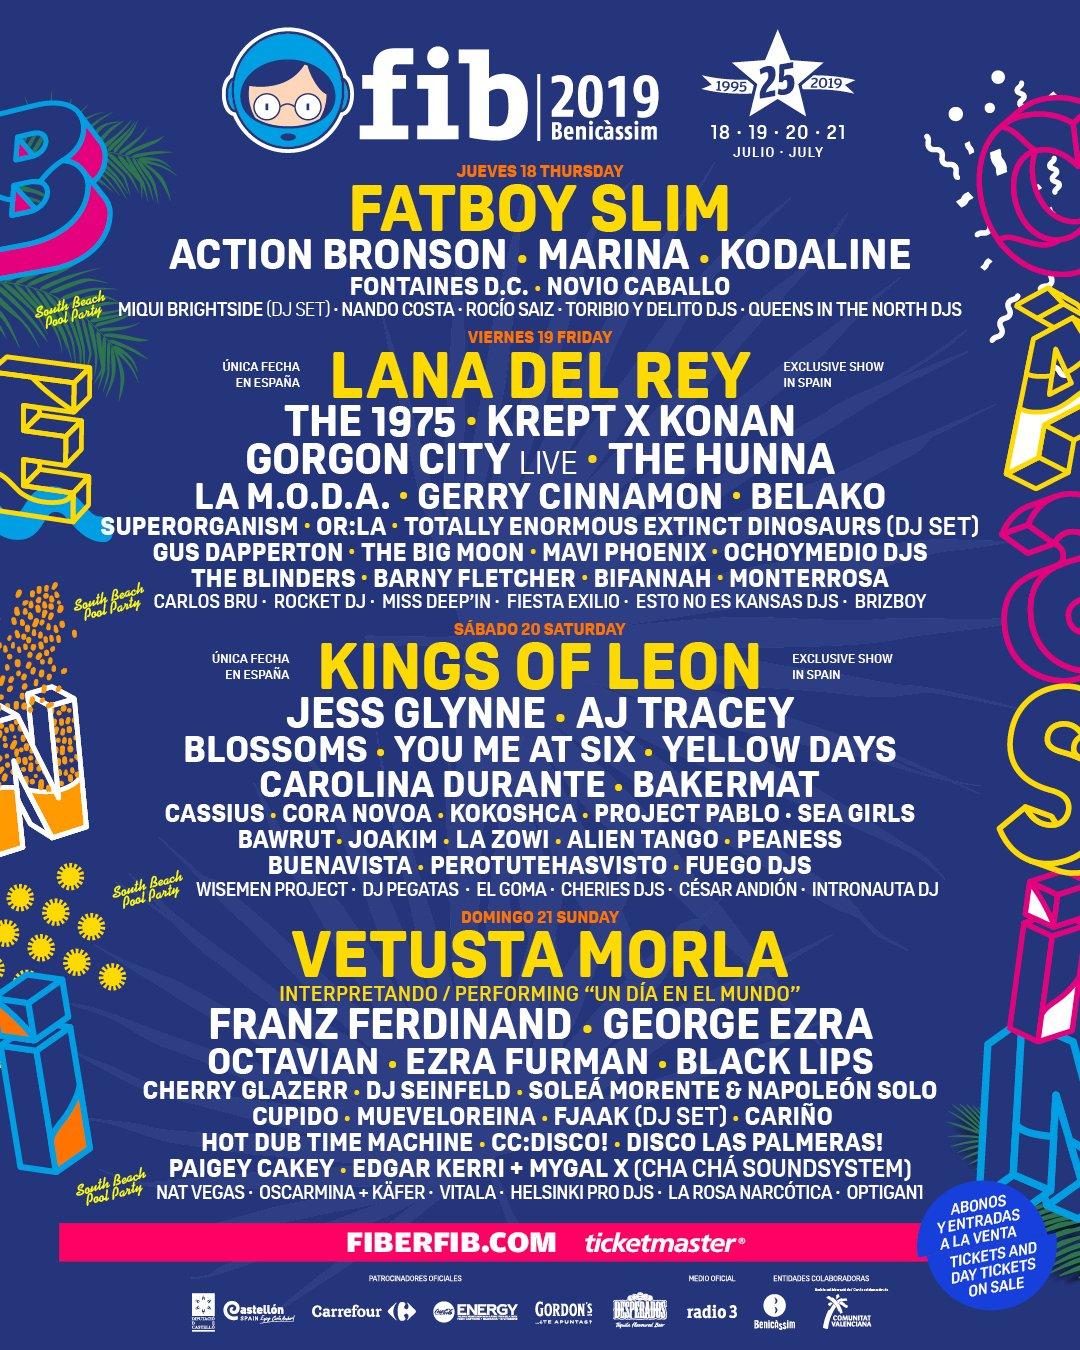 FIB Benicàssim 2019: Vetusta Morla, Fatboy Slim, KOL, Lana Del Rey, MARINA, Cassius, Black Lips - Página 22 D87slLwXkAI1mkq